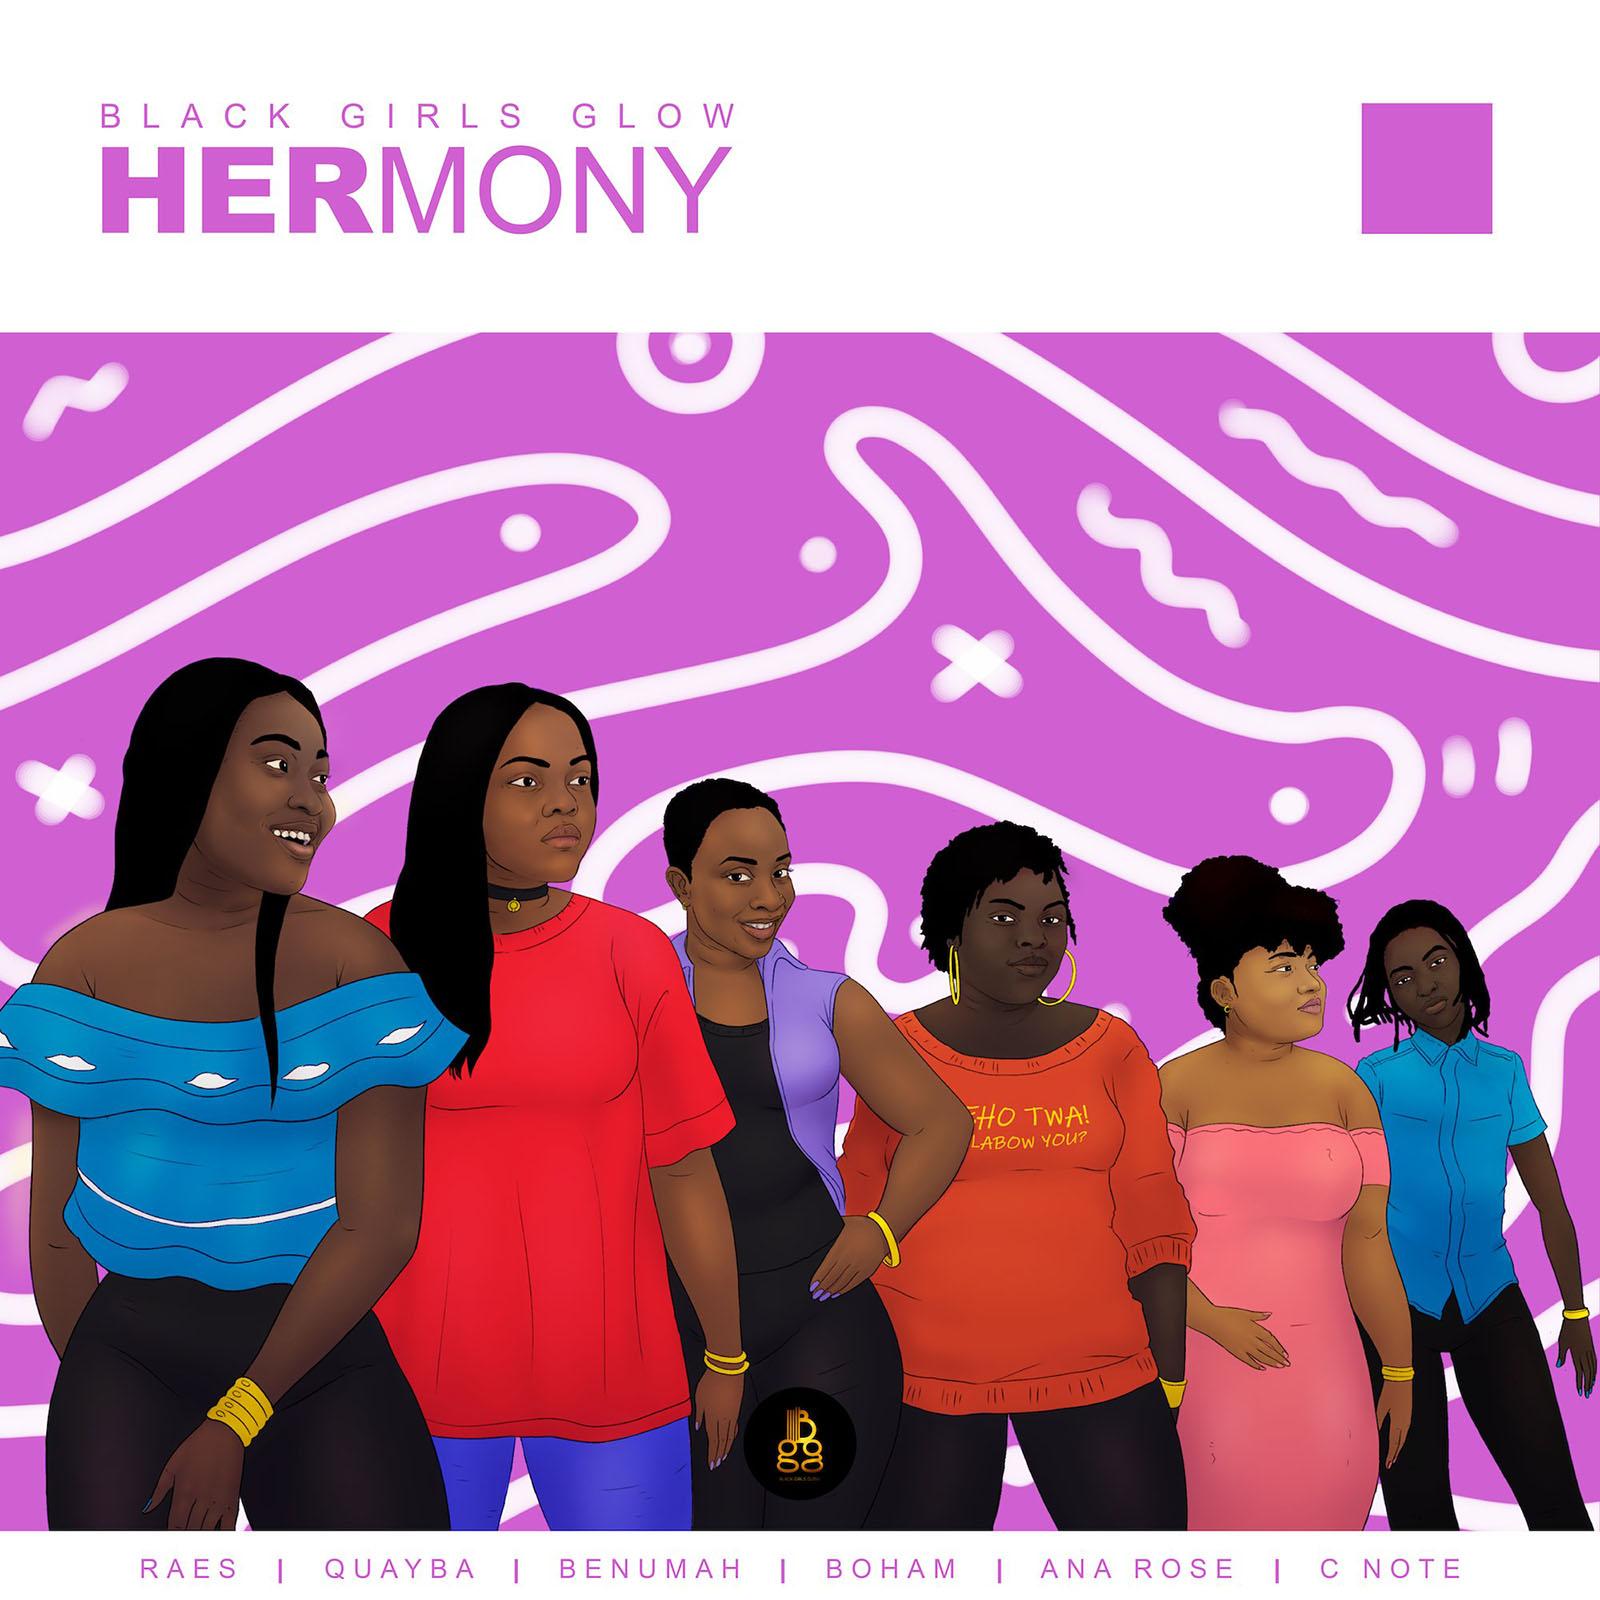 HERmony by Black Girls Glow